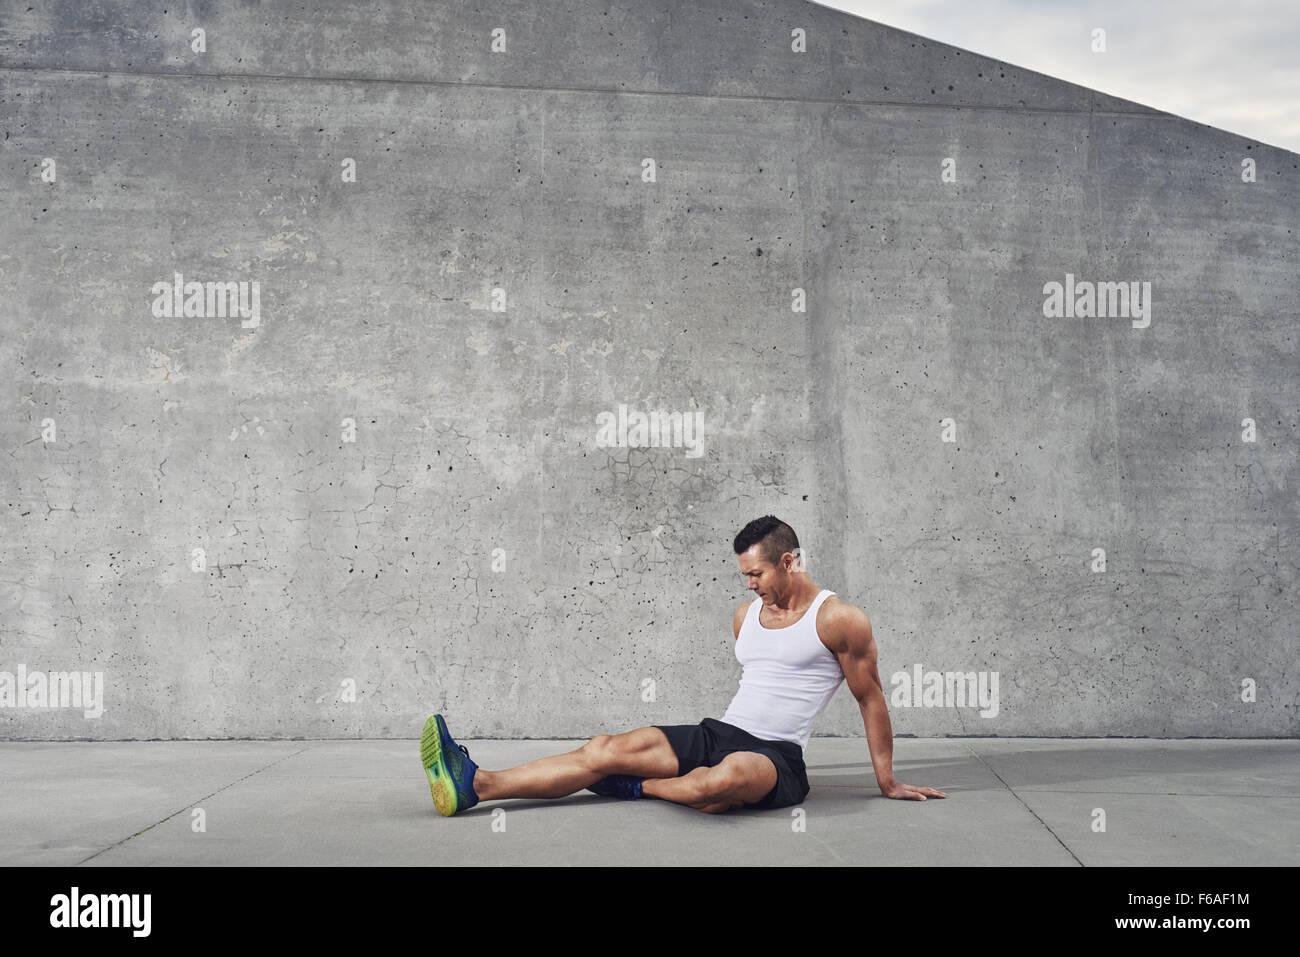 Fitness Sportler Menschen Entspannung und Stretching Muskeln und Beine tragen ein weißes Tank Top, gut gebaut, Stockbild